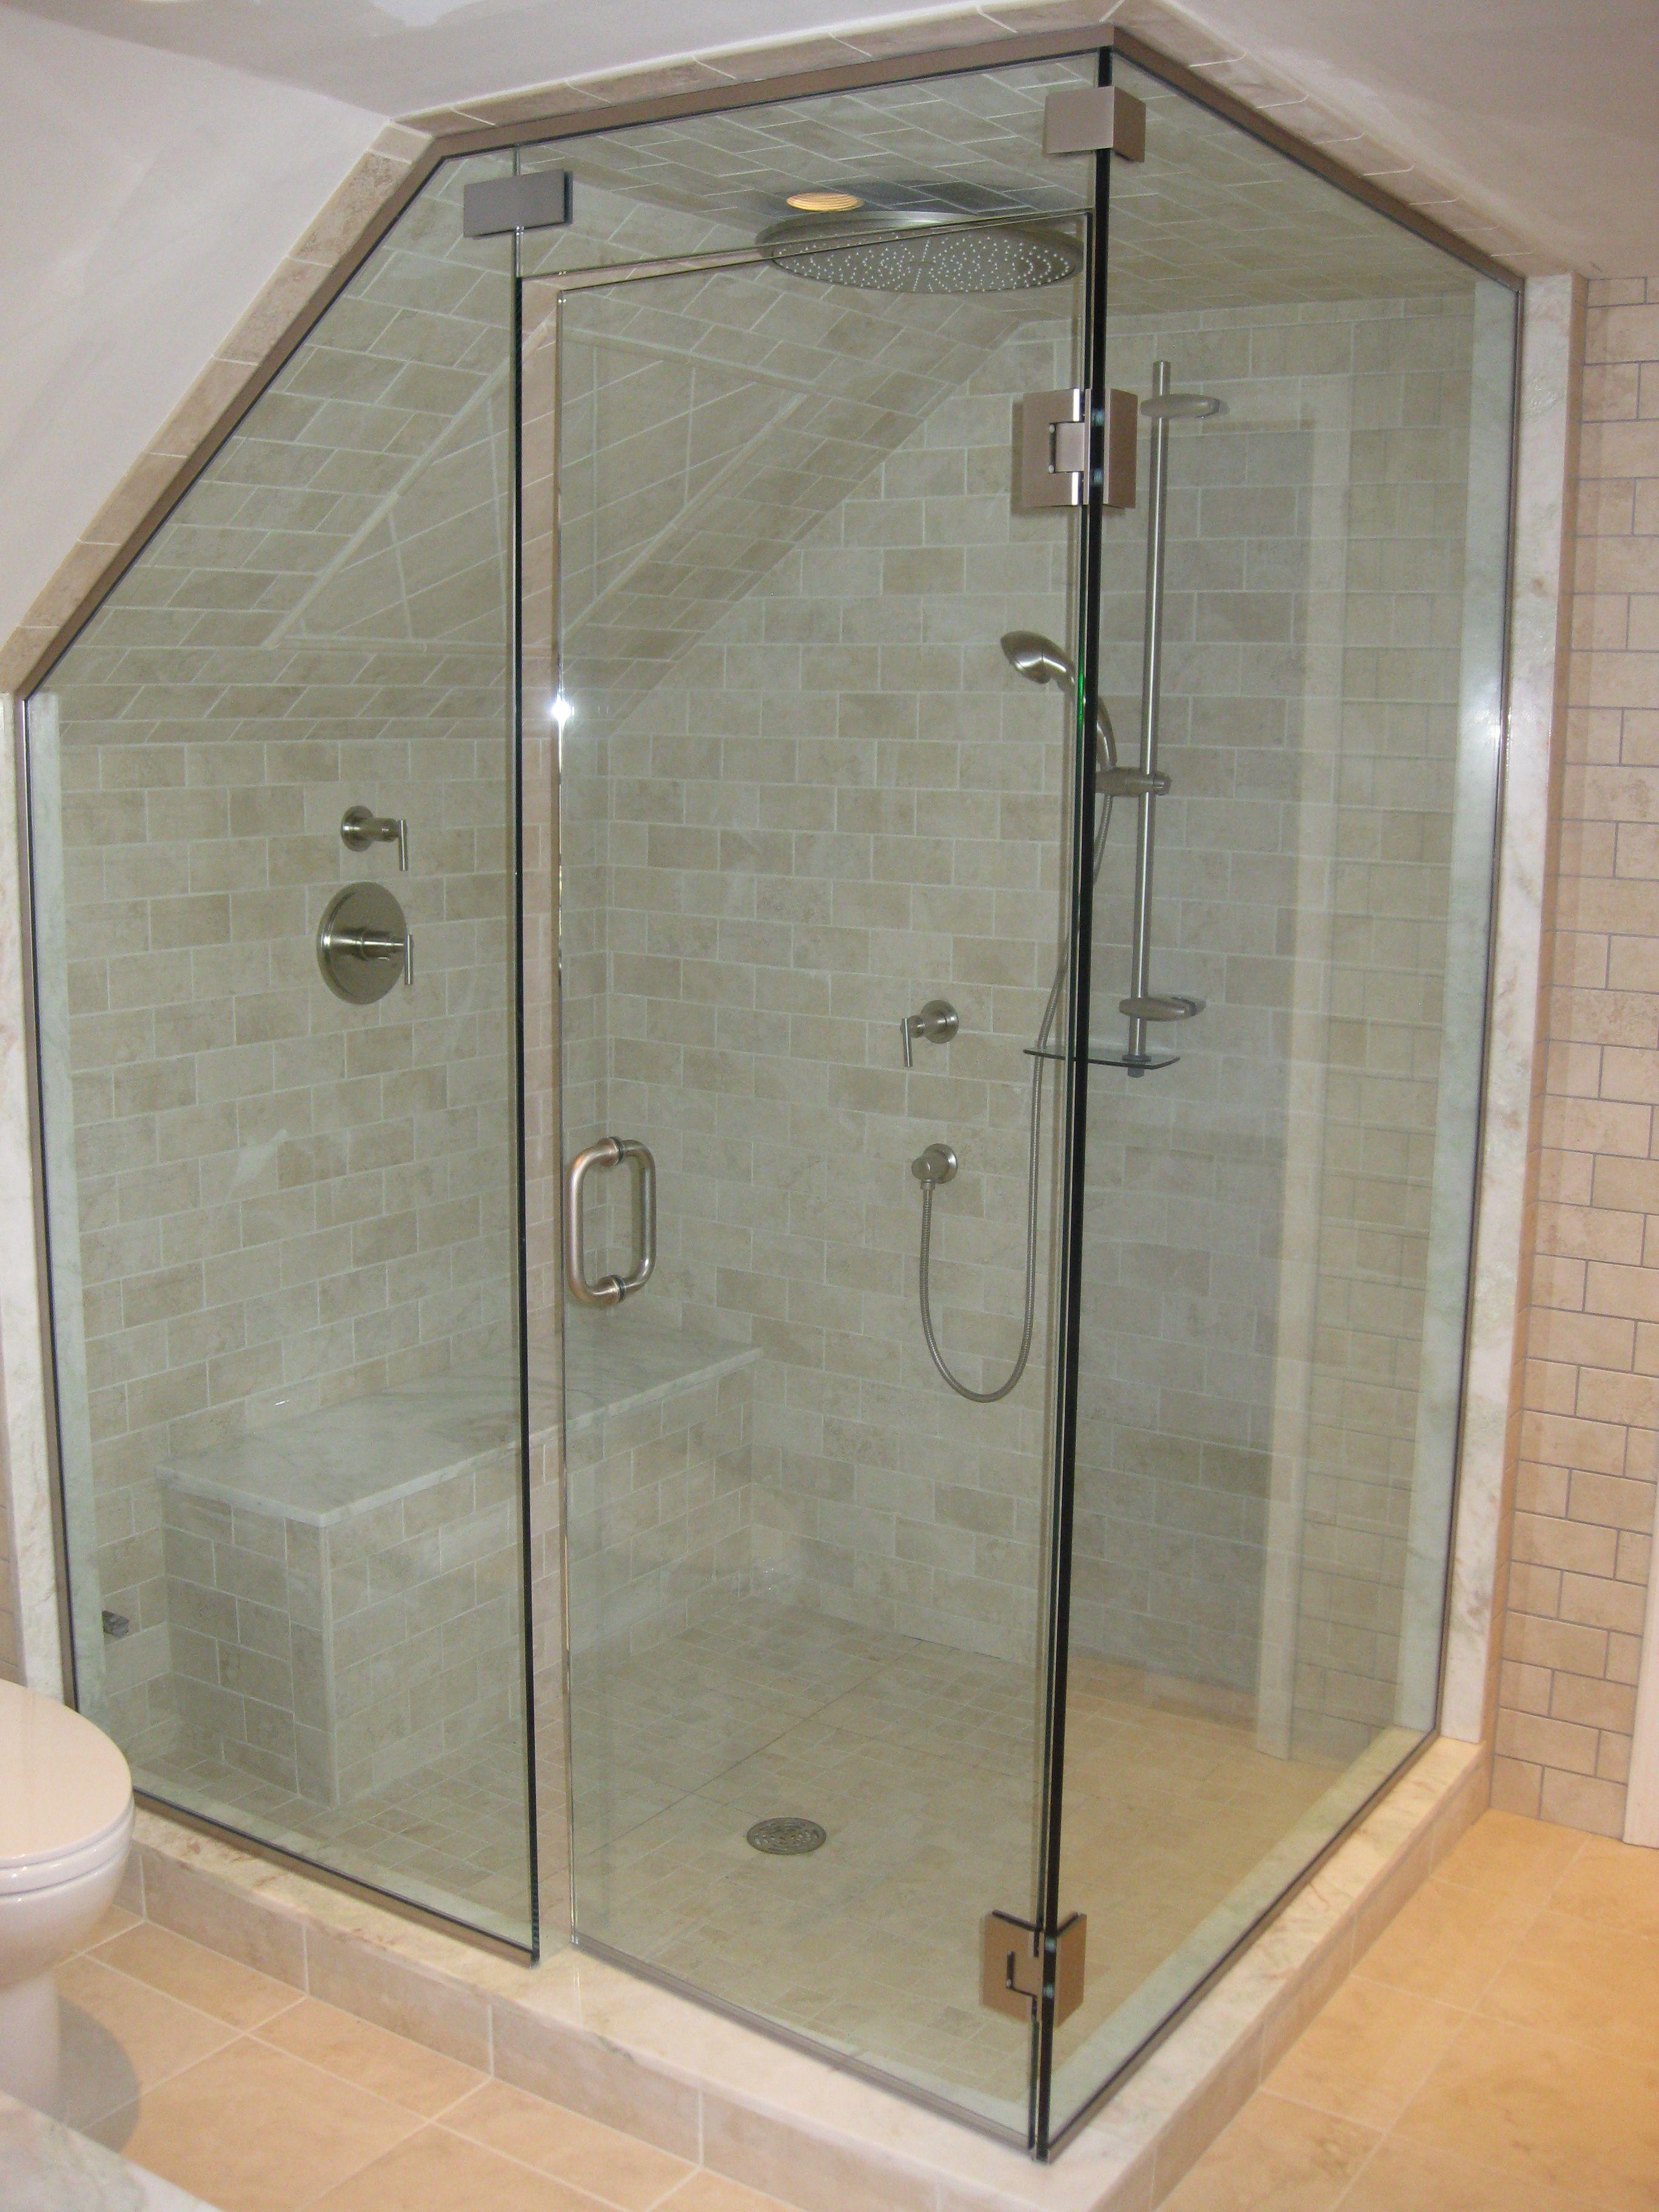 Shower Doors For Sloped Ceilings Corner Steam Shower With